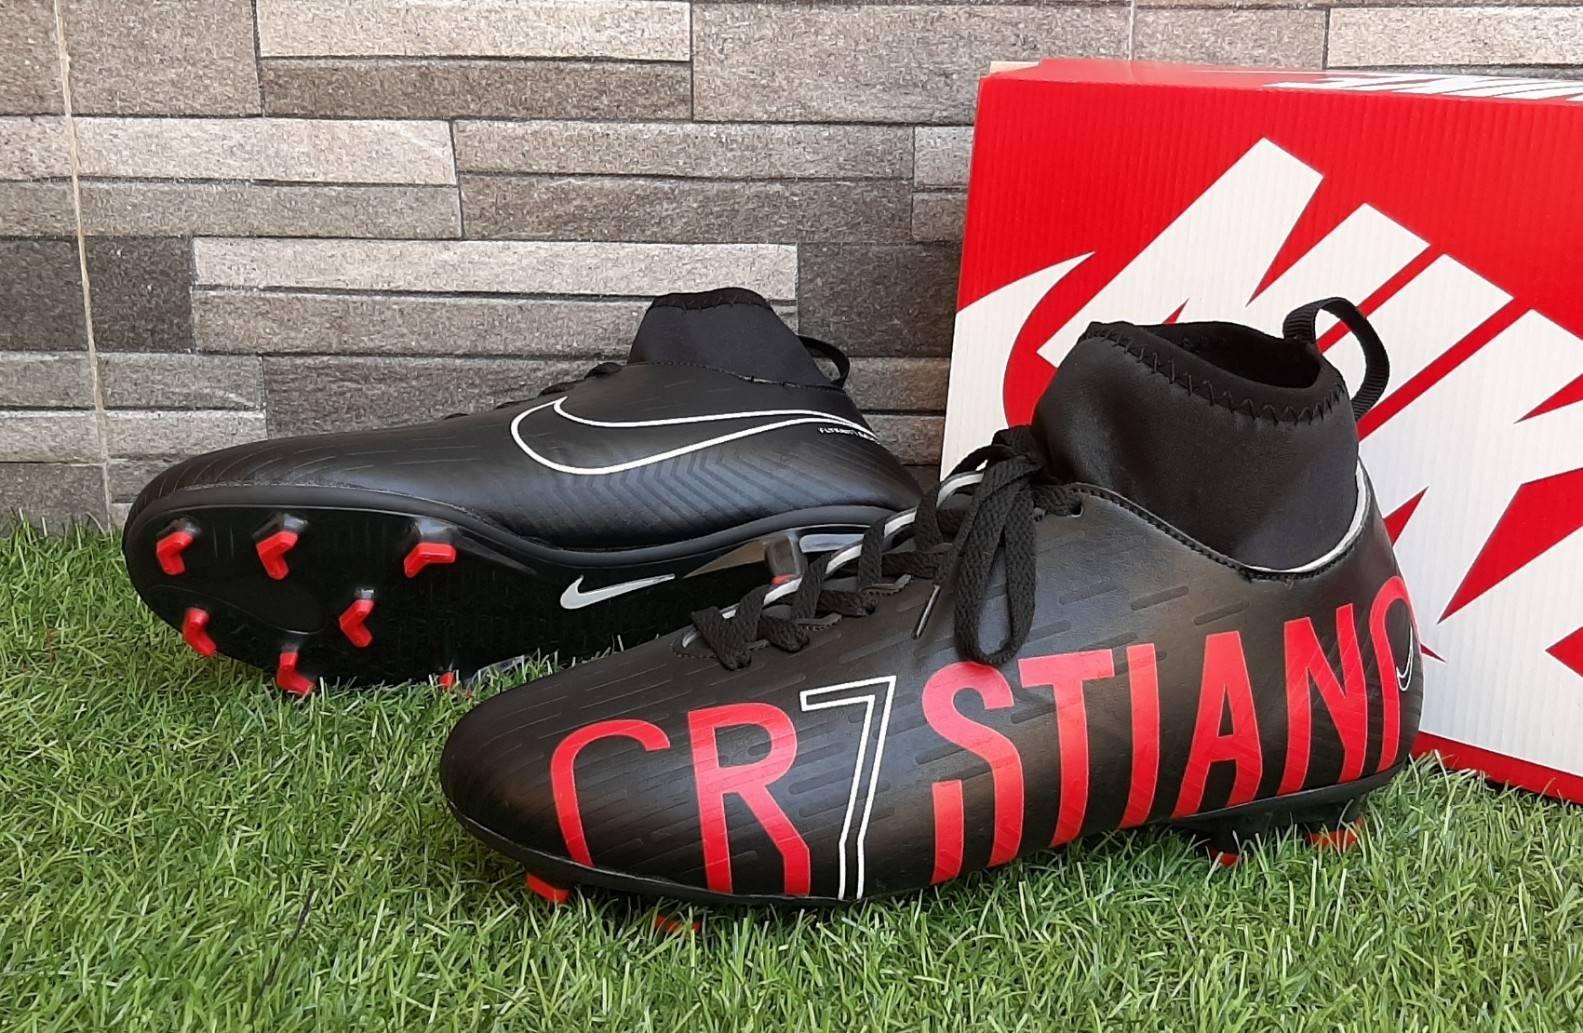 Sepatu Sepak Bola Nike_CR7 Hyperpenom Mercurial Predator Komponen Original Harga Promo COD bayar ditempat